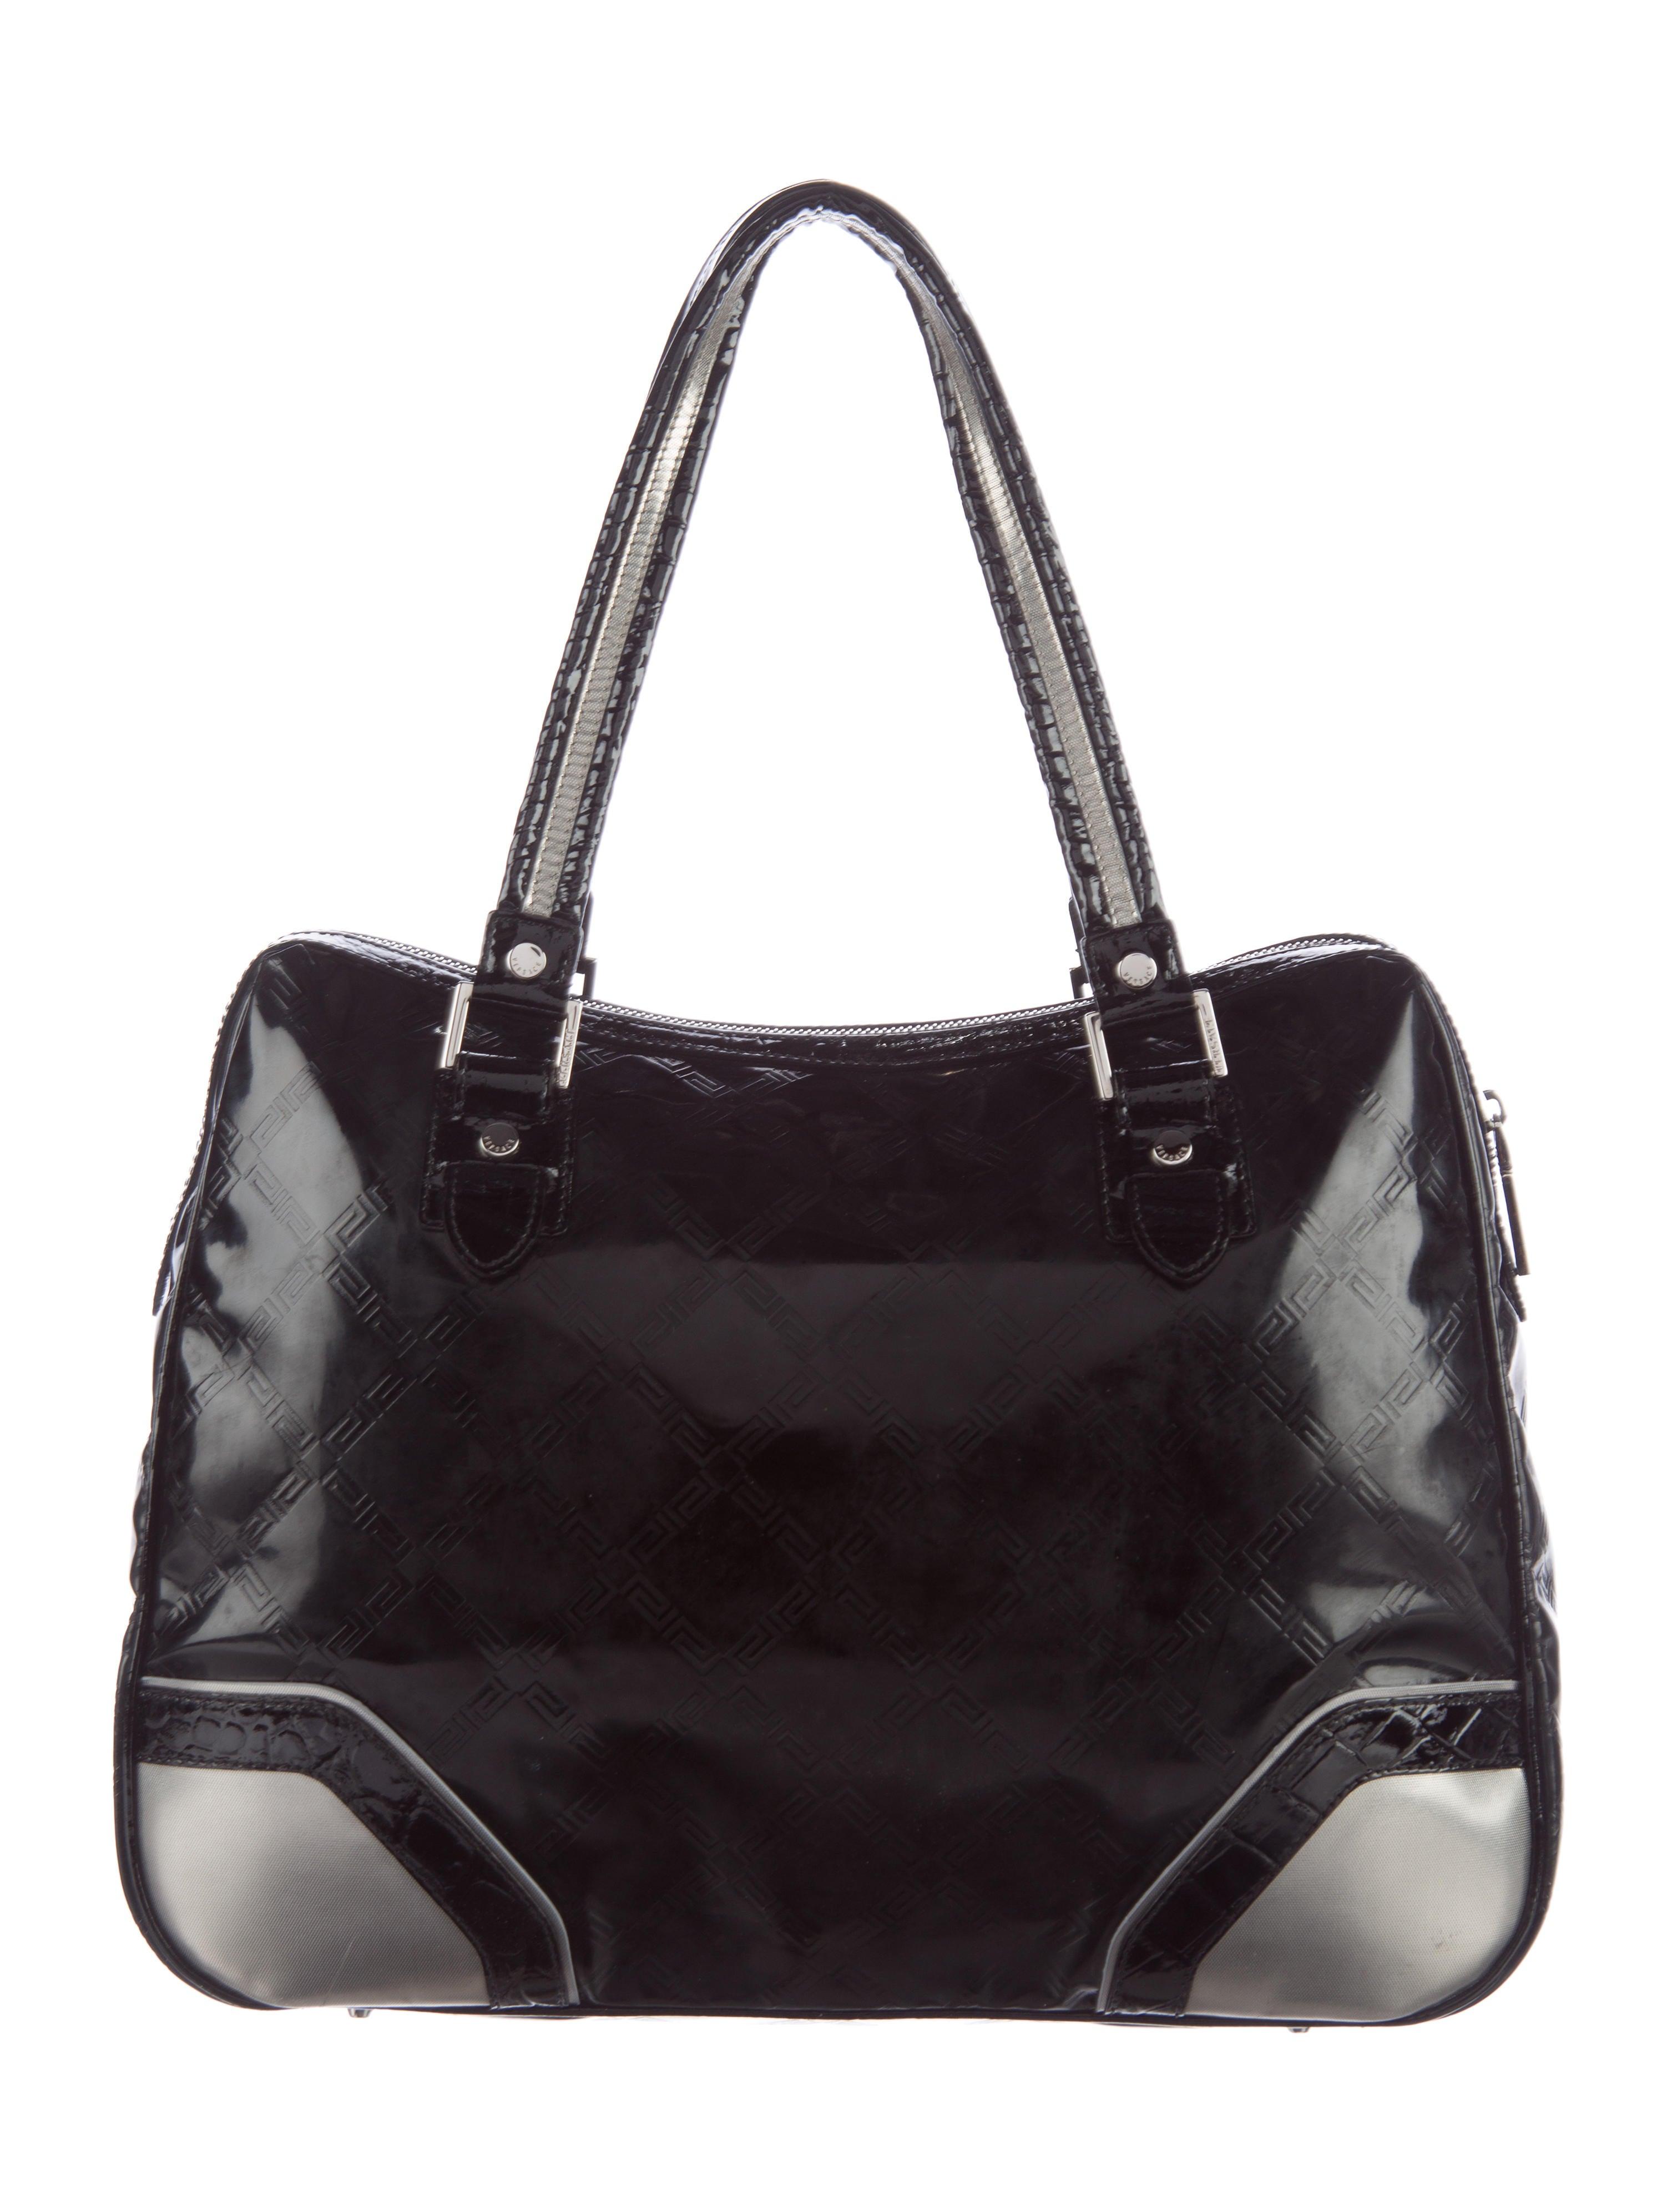 Versace Embossed Vinyl Shoulder Bag Handbags Ves29120